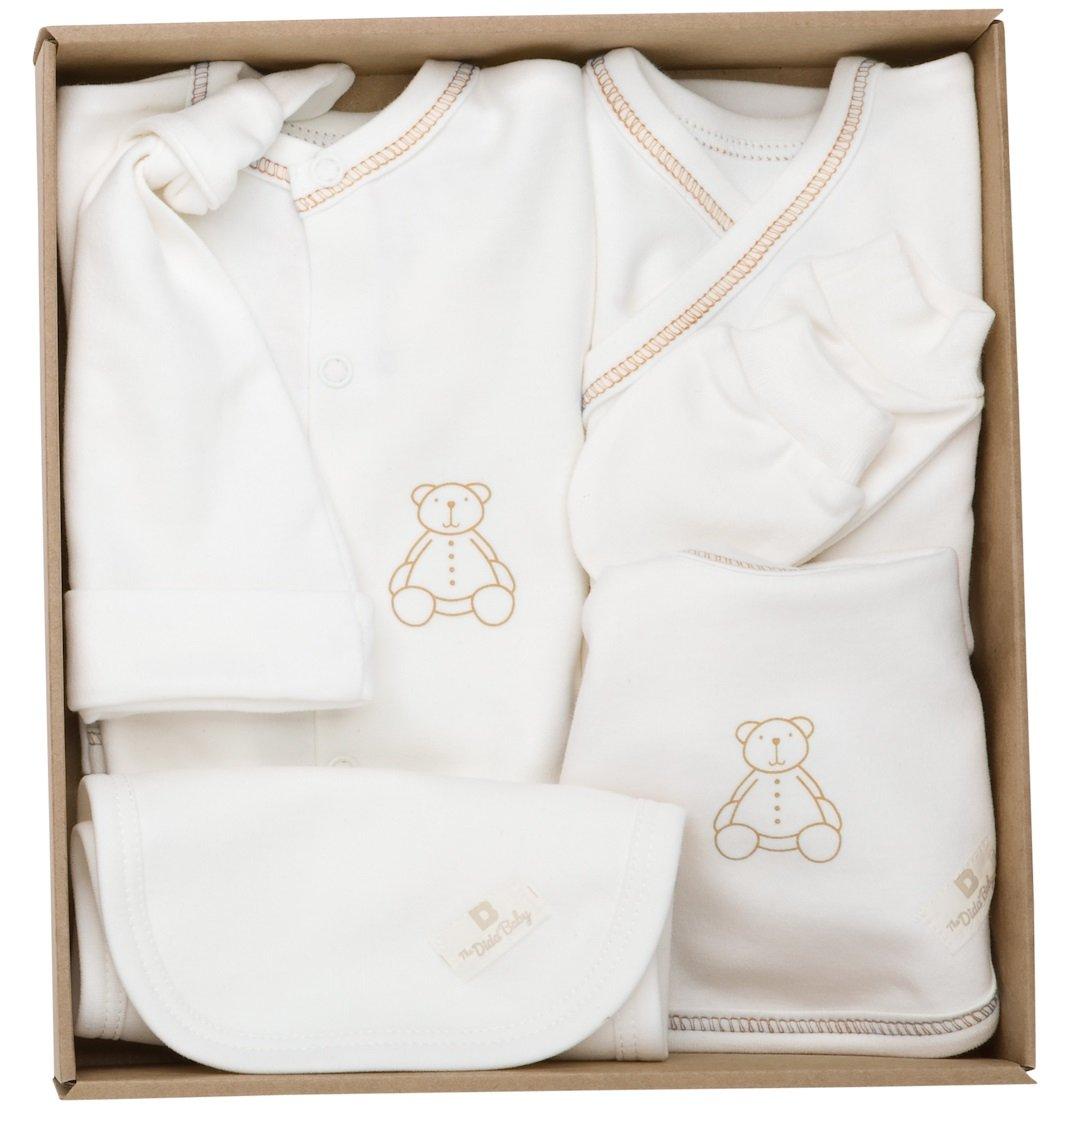 The Dida World Newborn - Conjunto recién nacido de algodón orgánico, 6 piezas, talla 0 meses, oso estampado azul S.C.P.